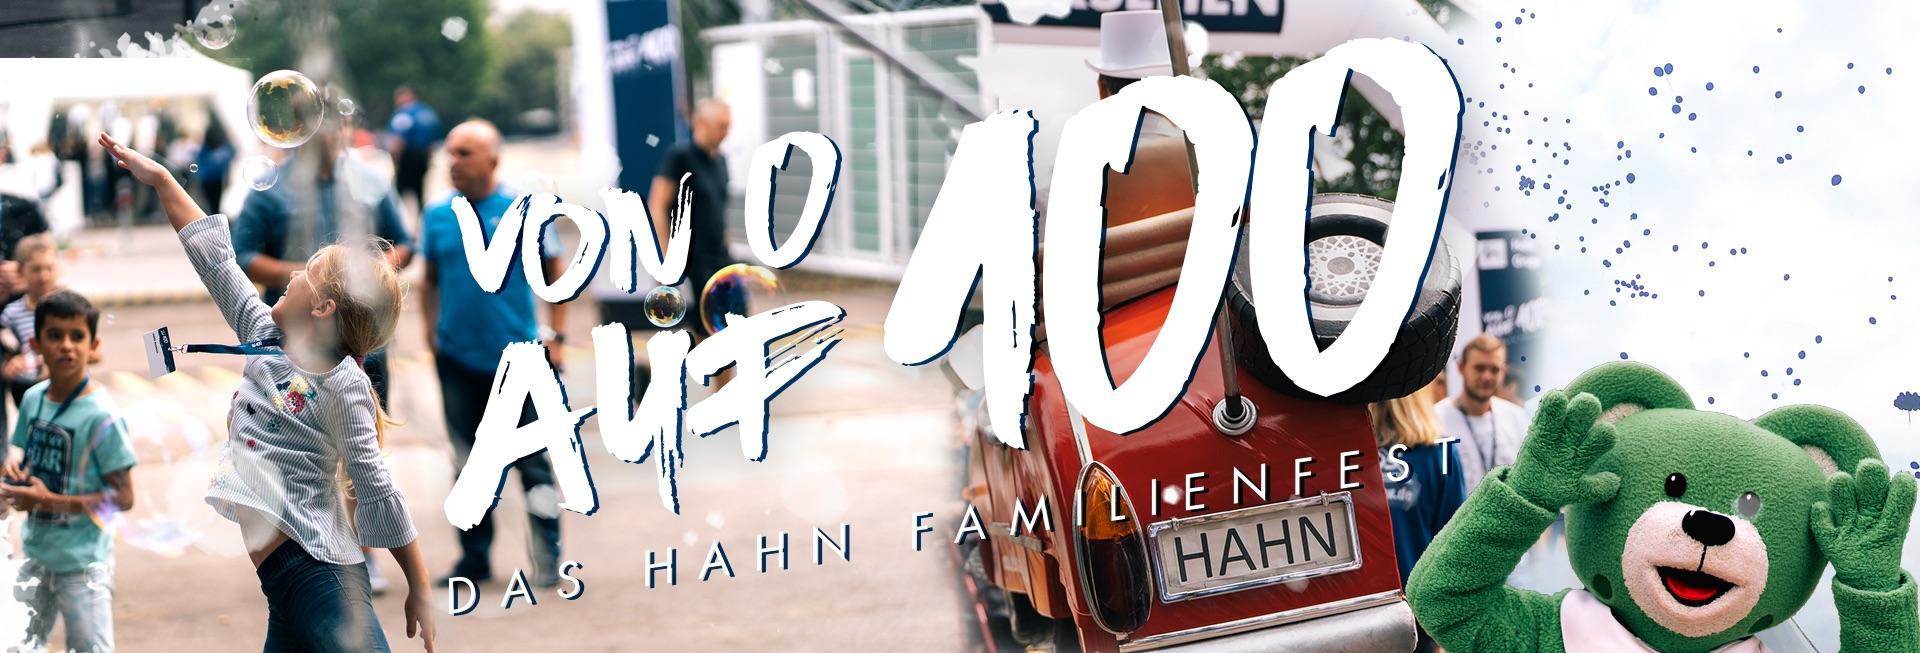 Hahn Gruppe - Das 100 Jahre Hahn Familienfest